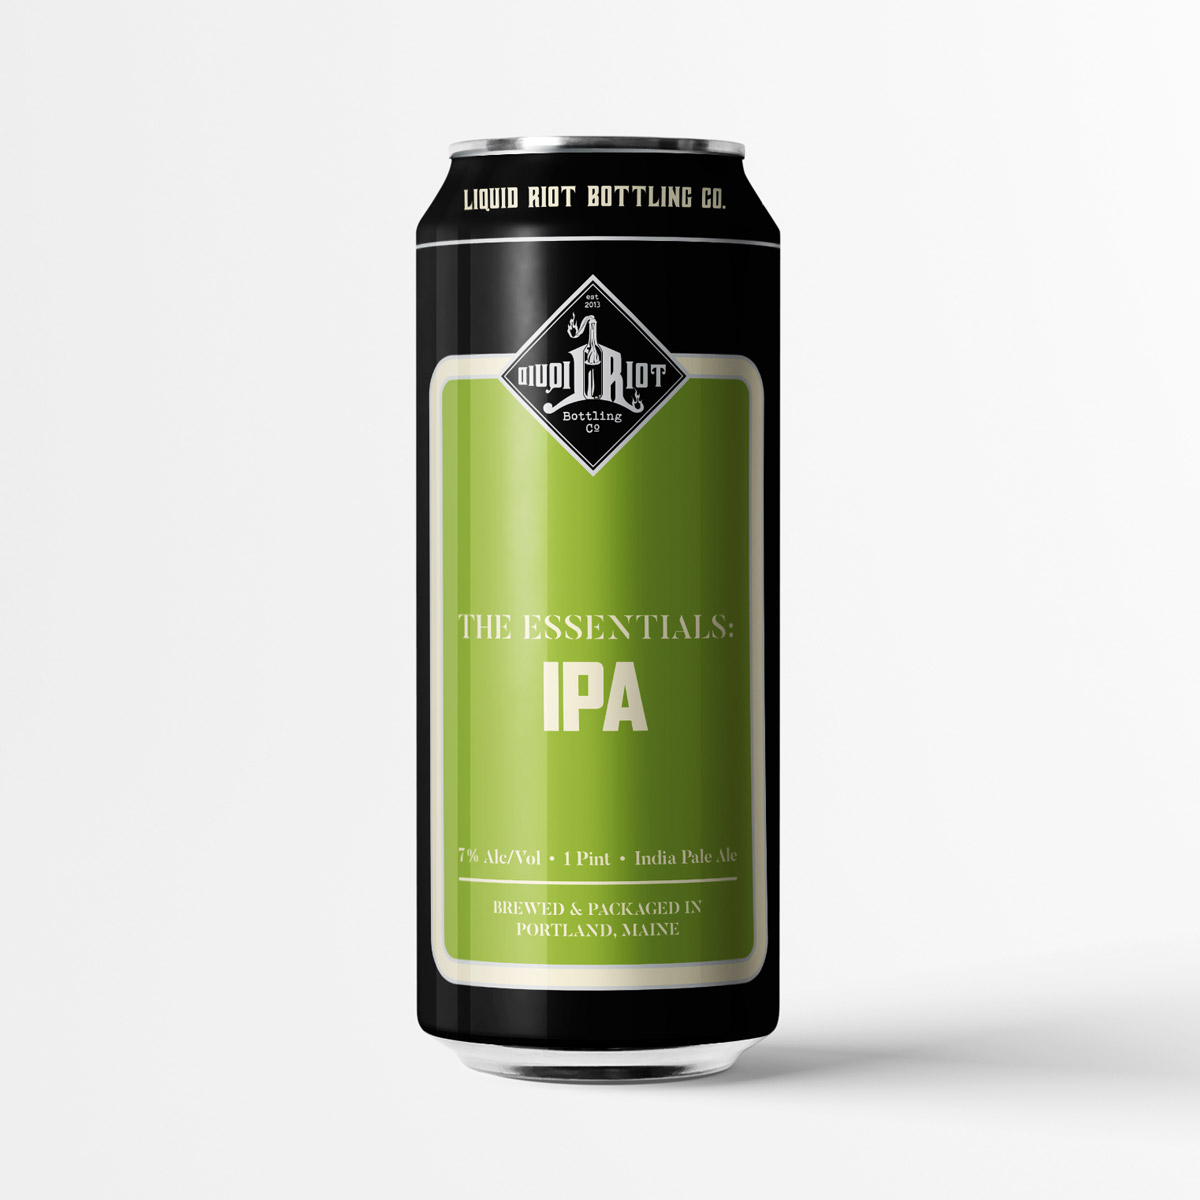 Liquid Riot – The Essentials: IPA